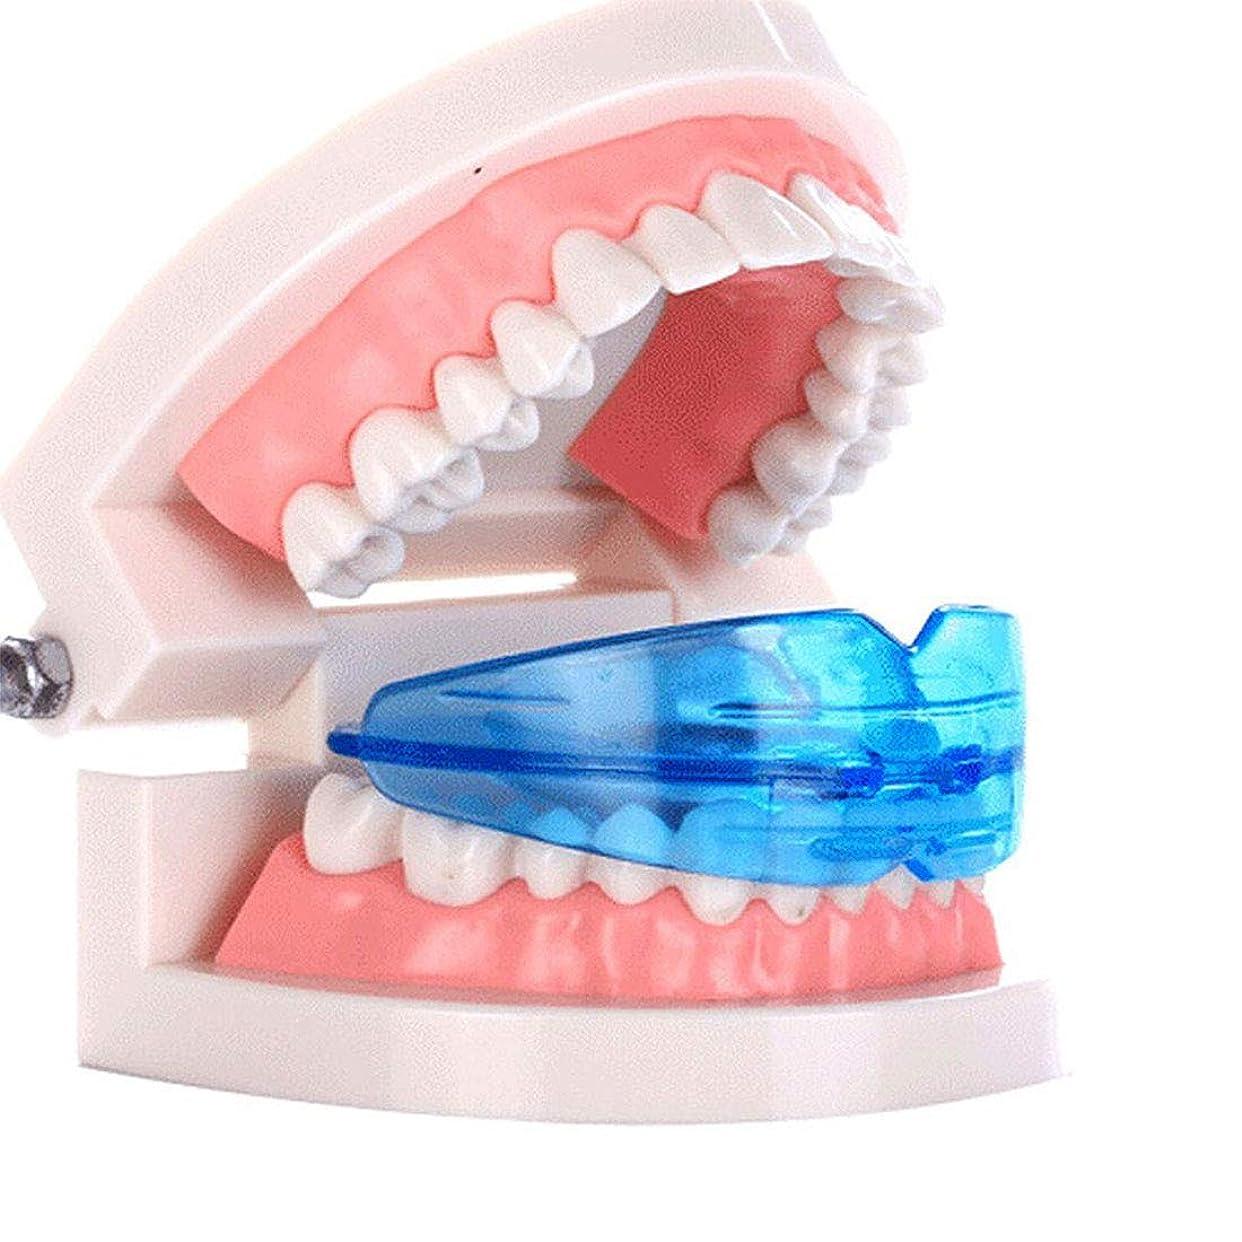 ゴールデントラフ風景2PCSリテーナー無菌、強力ヒンジ、閉めやすい-歯科矯正リテーナー義歯,Soft